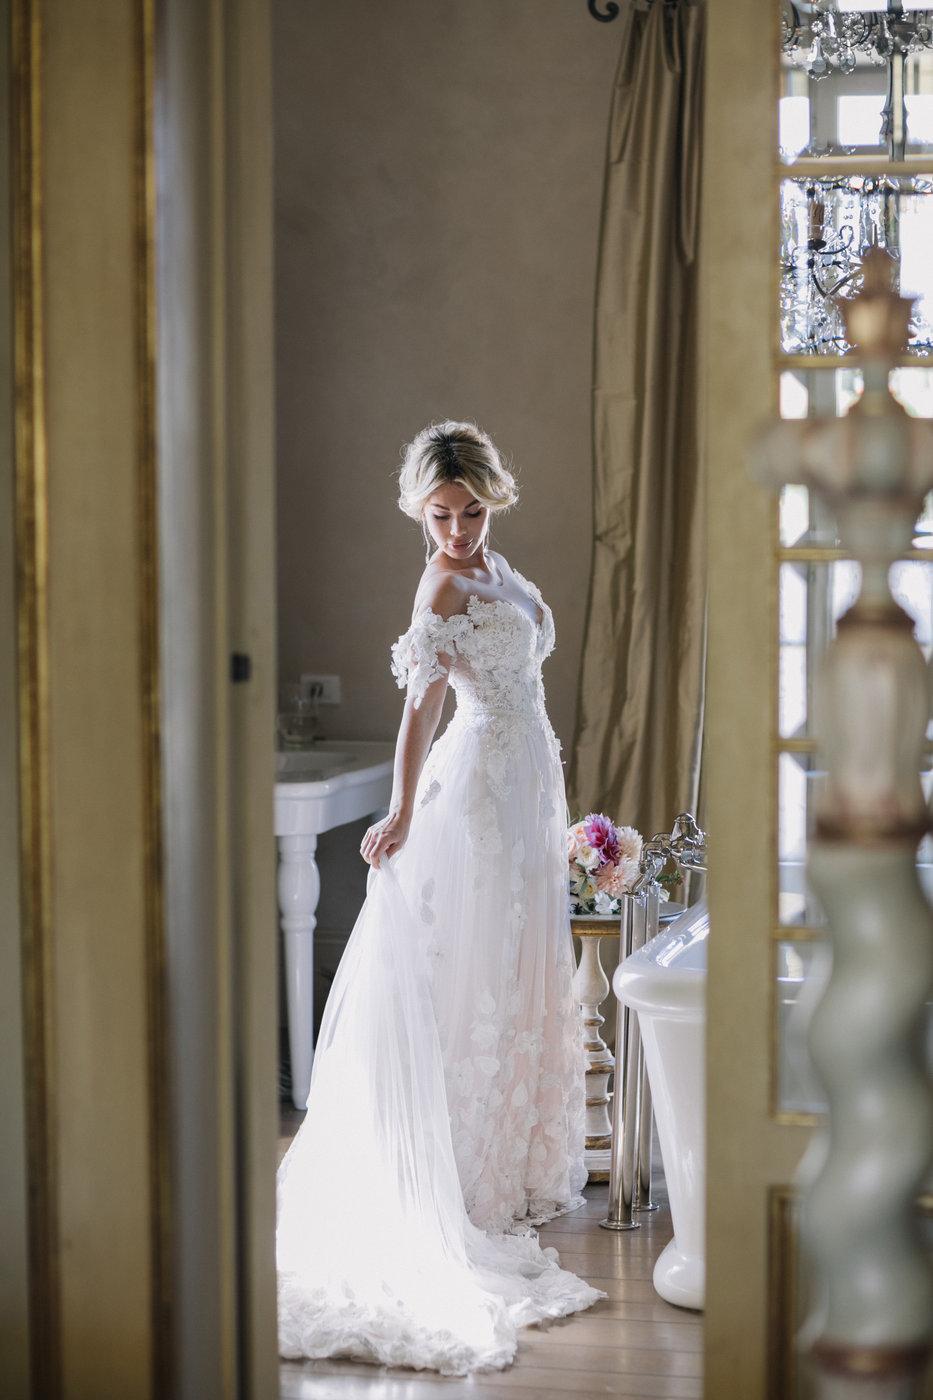 Anastasia Mezhik September 25 2016 Tuscany Italy-BEST-0024.jpg